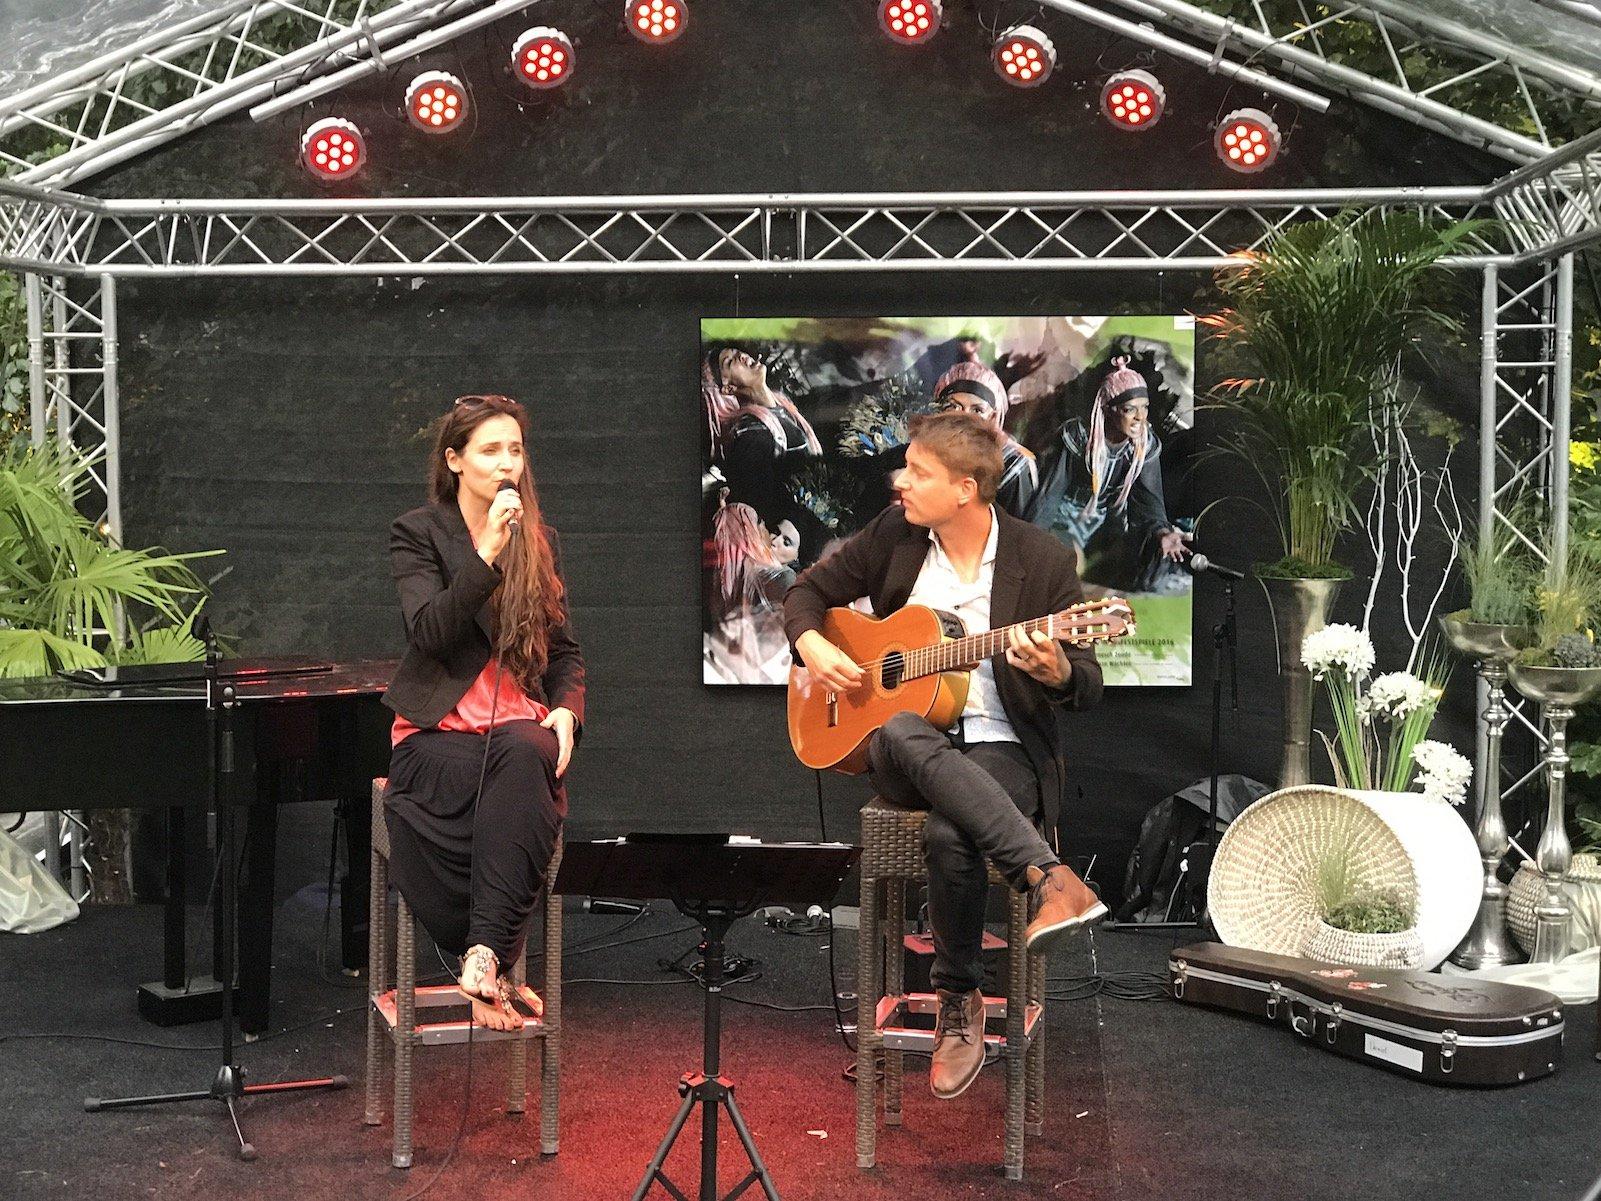 Musik auf der Bühne im Heylshof-Park Worms während der Nibelungenfestspiele